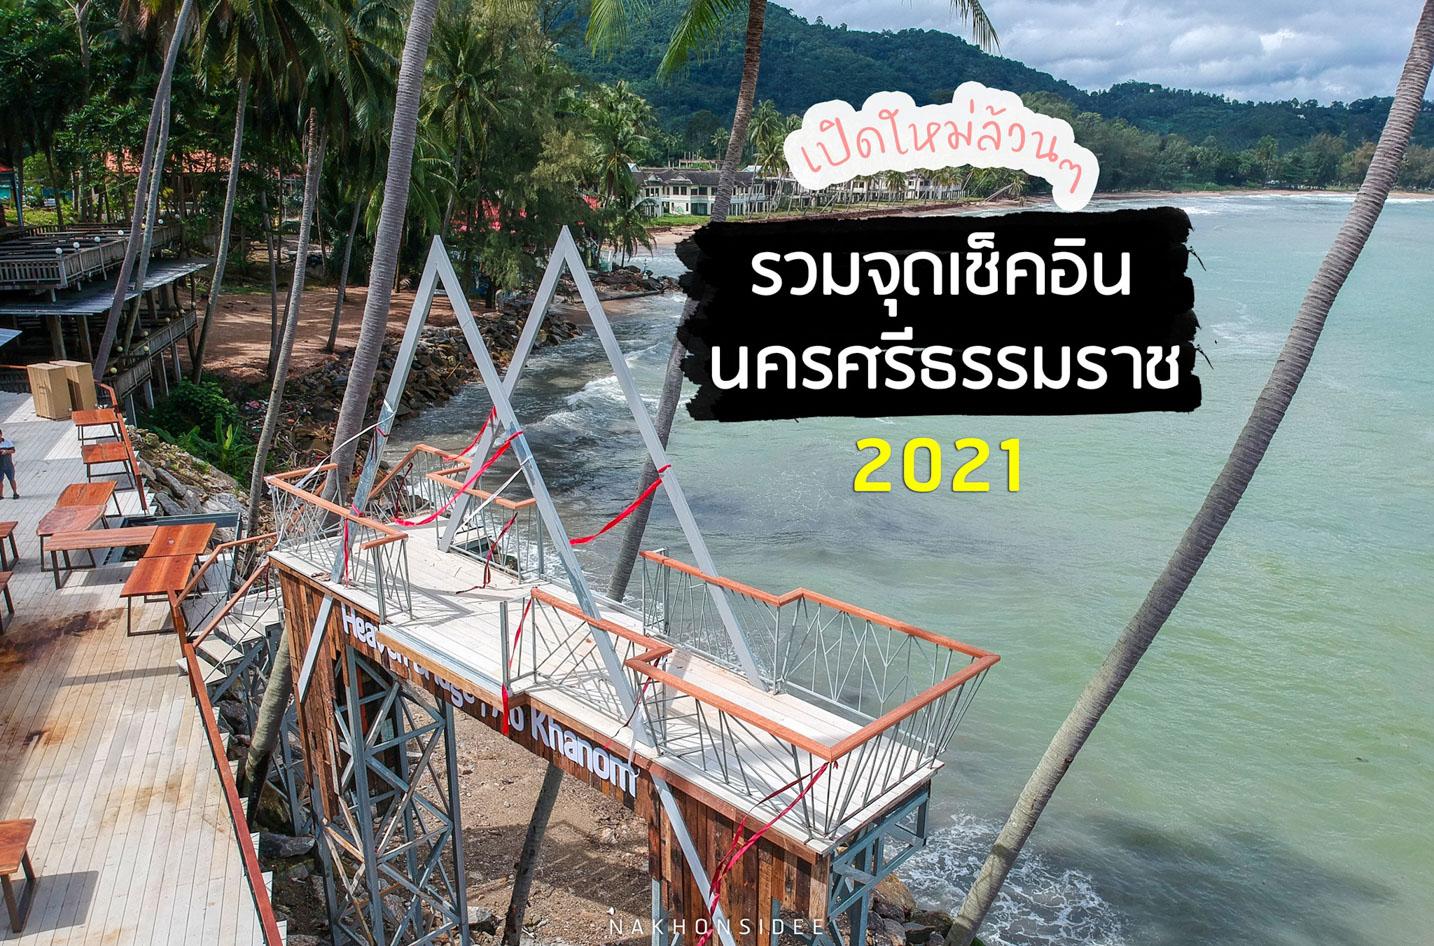 รวมสถานที่ท่องเที่ยว นครศรีธรรมราช 2021 แบบใหม่ๆสวยๆเท่านั้น  เช็คอิน กิน ที่พัก